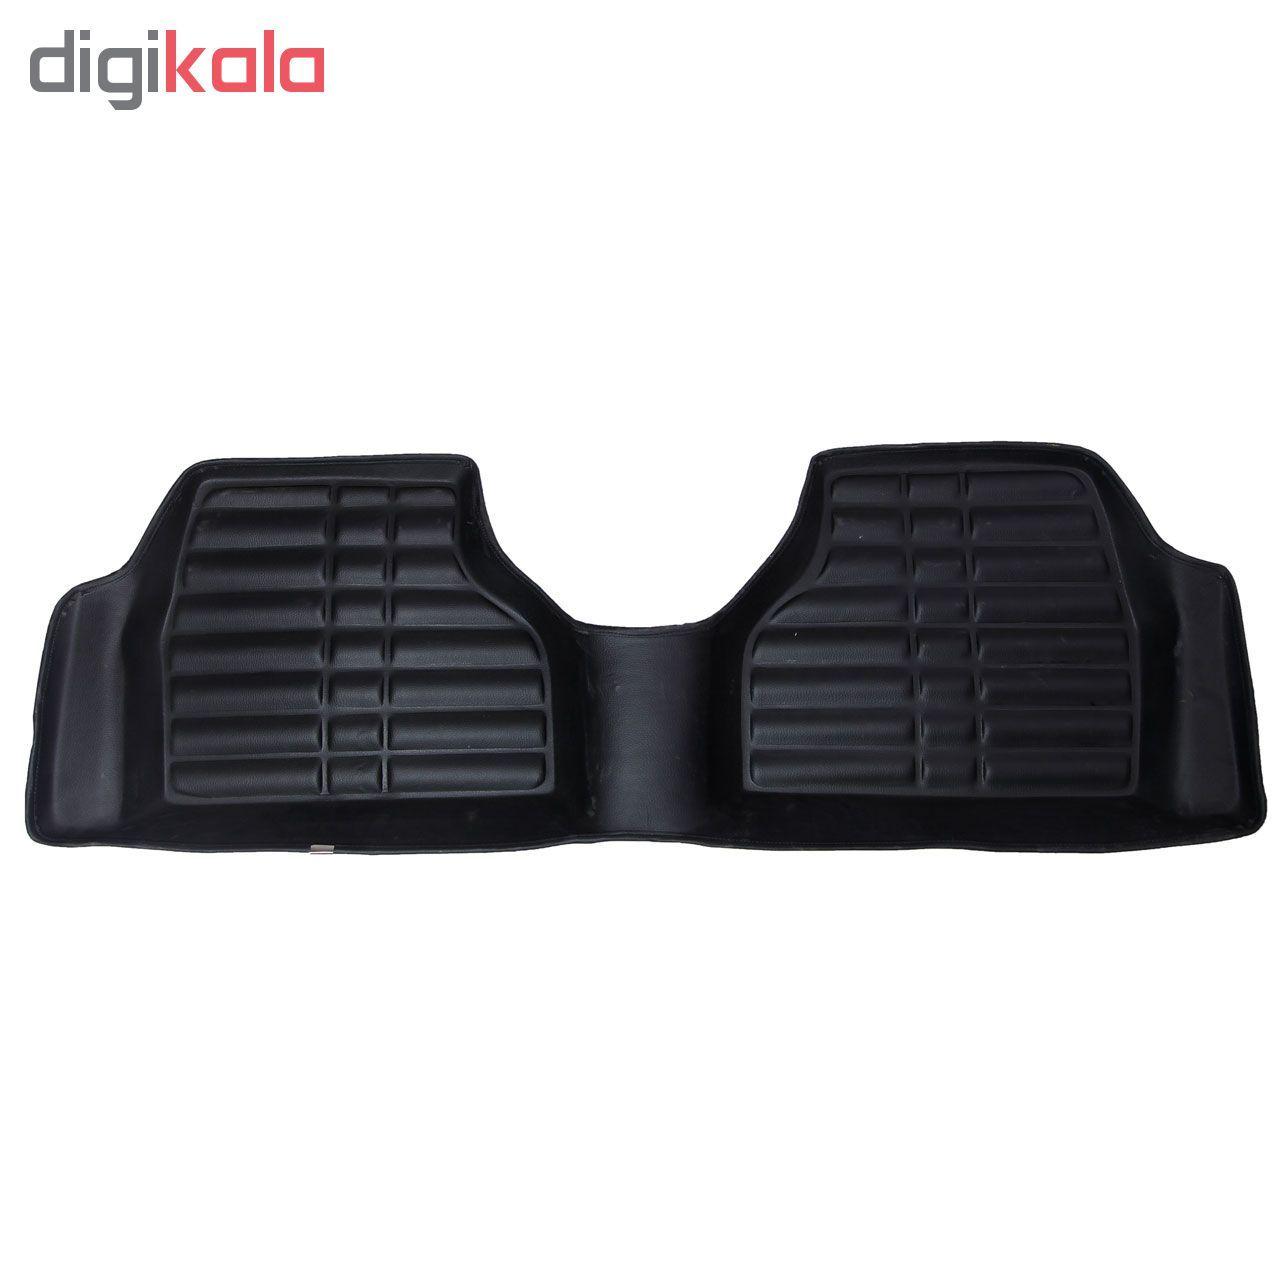 کفپوش سه بعدی خودرو مدل پالیز مناسب برای دنا-سمند-پژو 405-پارس main 1 7